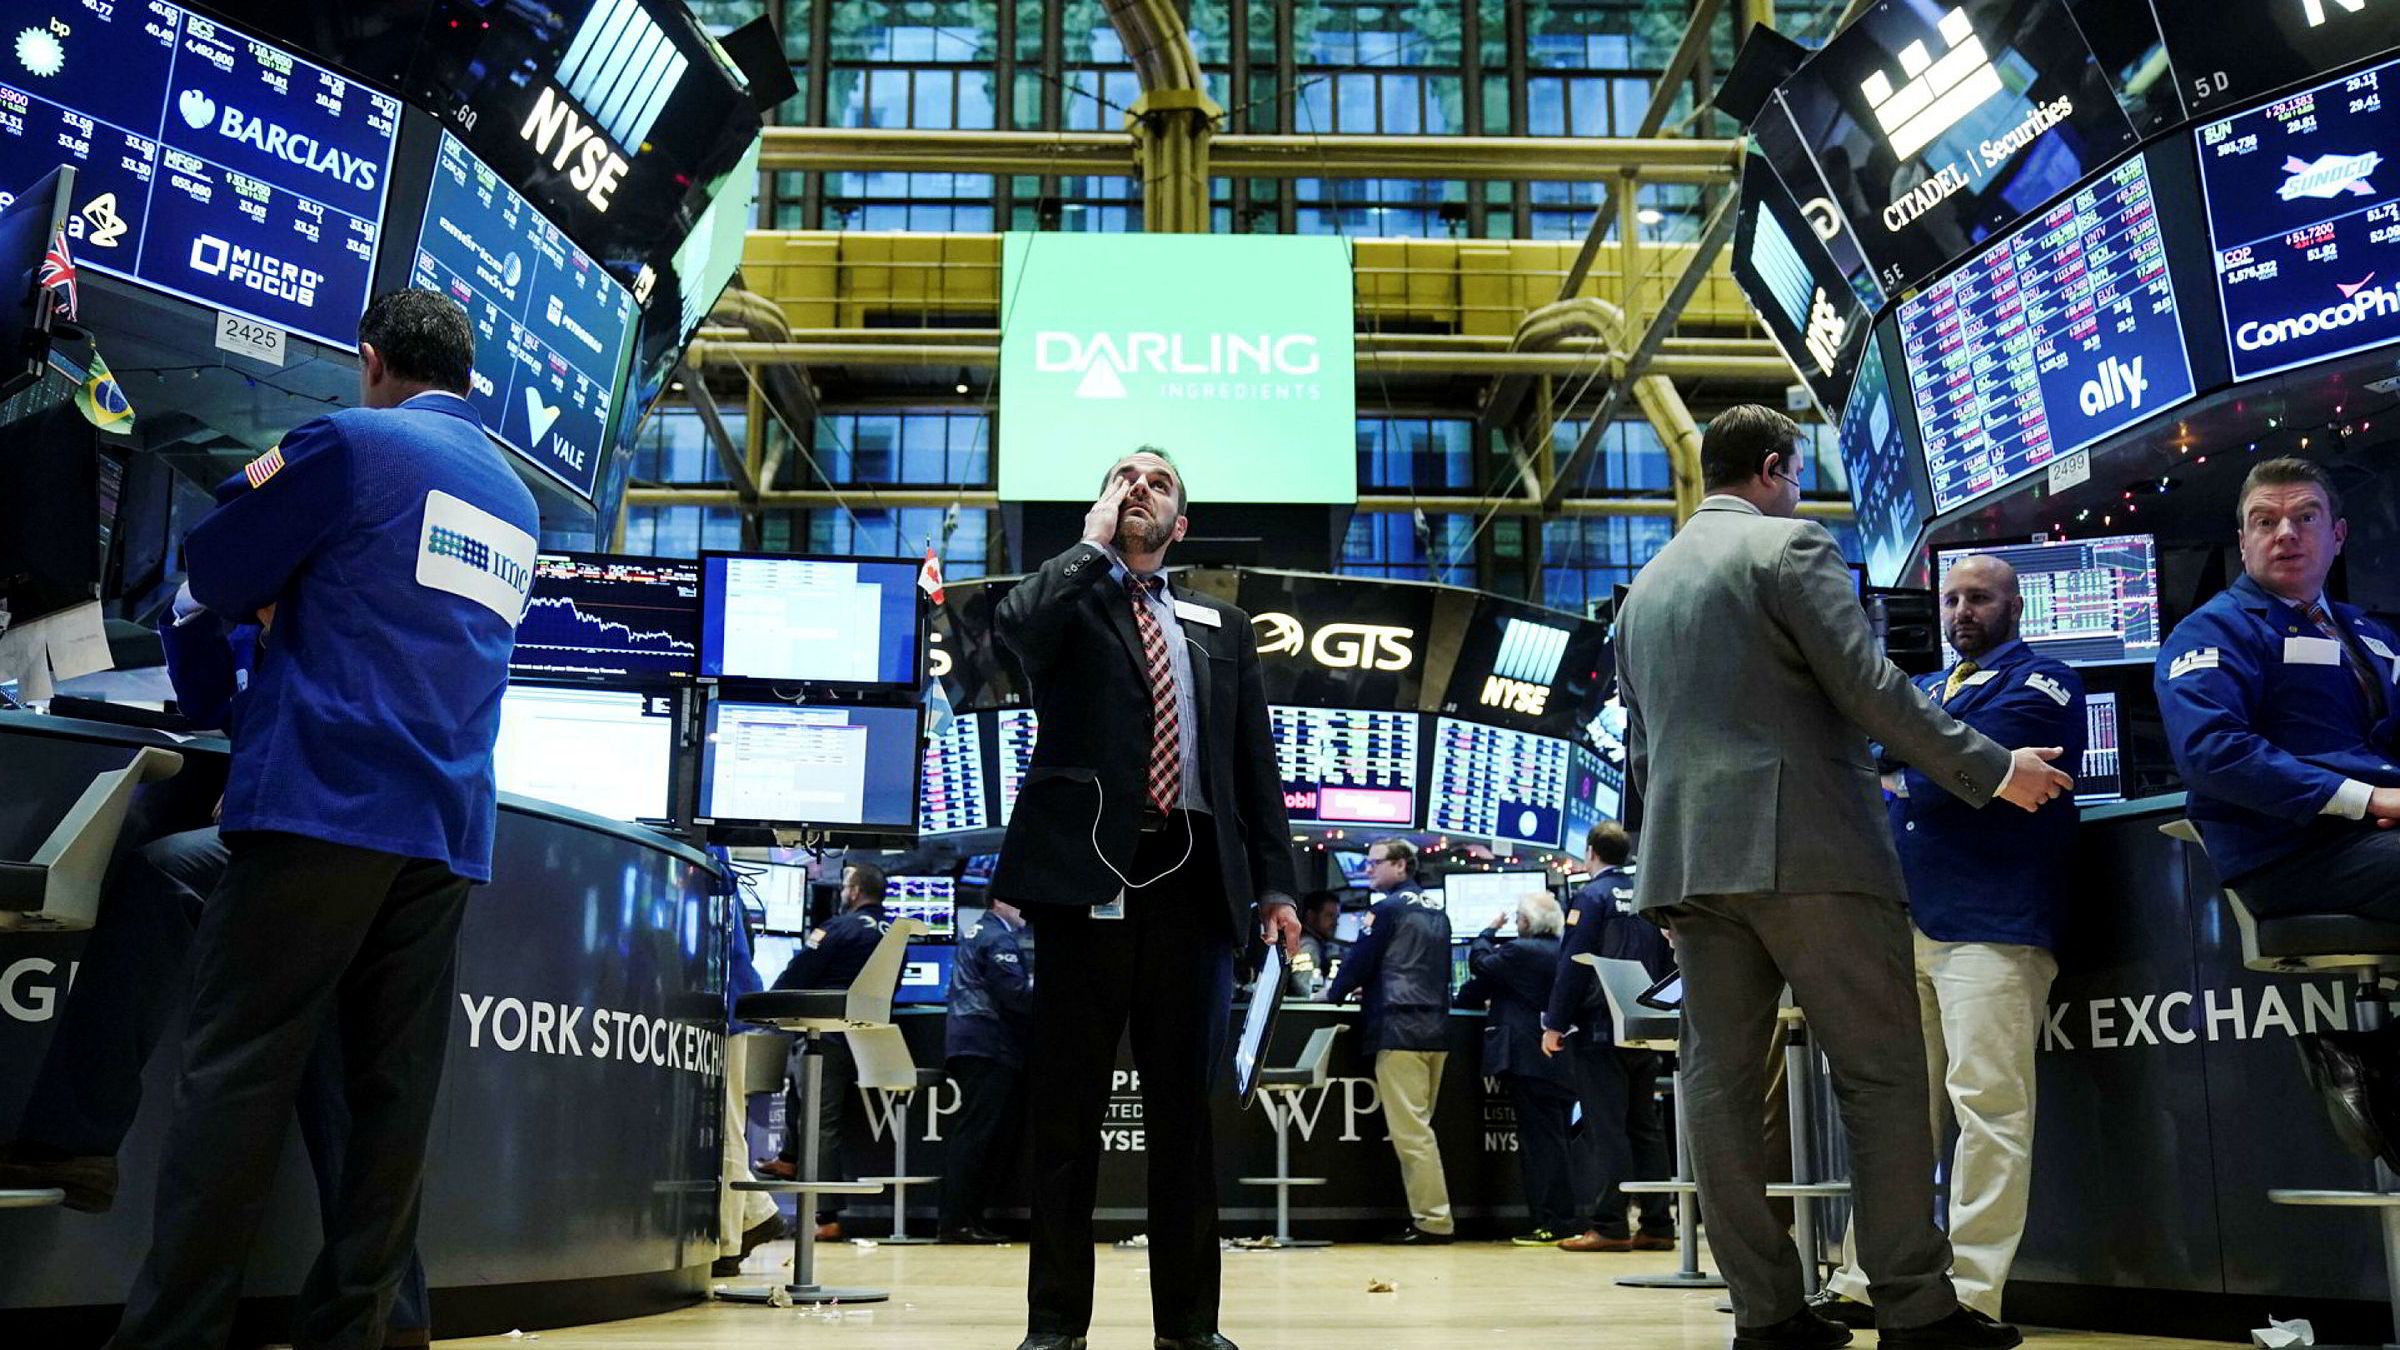 Meglere på gulvet i New York-børsen, som nå har søkt om godkjennelse av fem bitcoin-fond som skal gi inntil dobbelt avkastning eller tap.